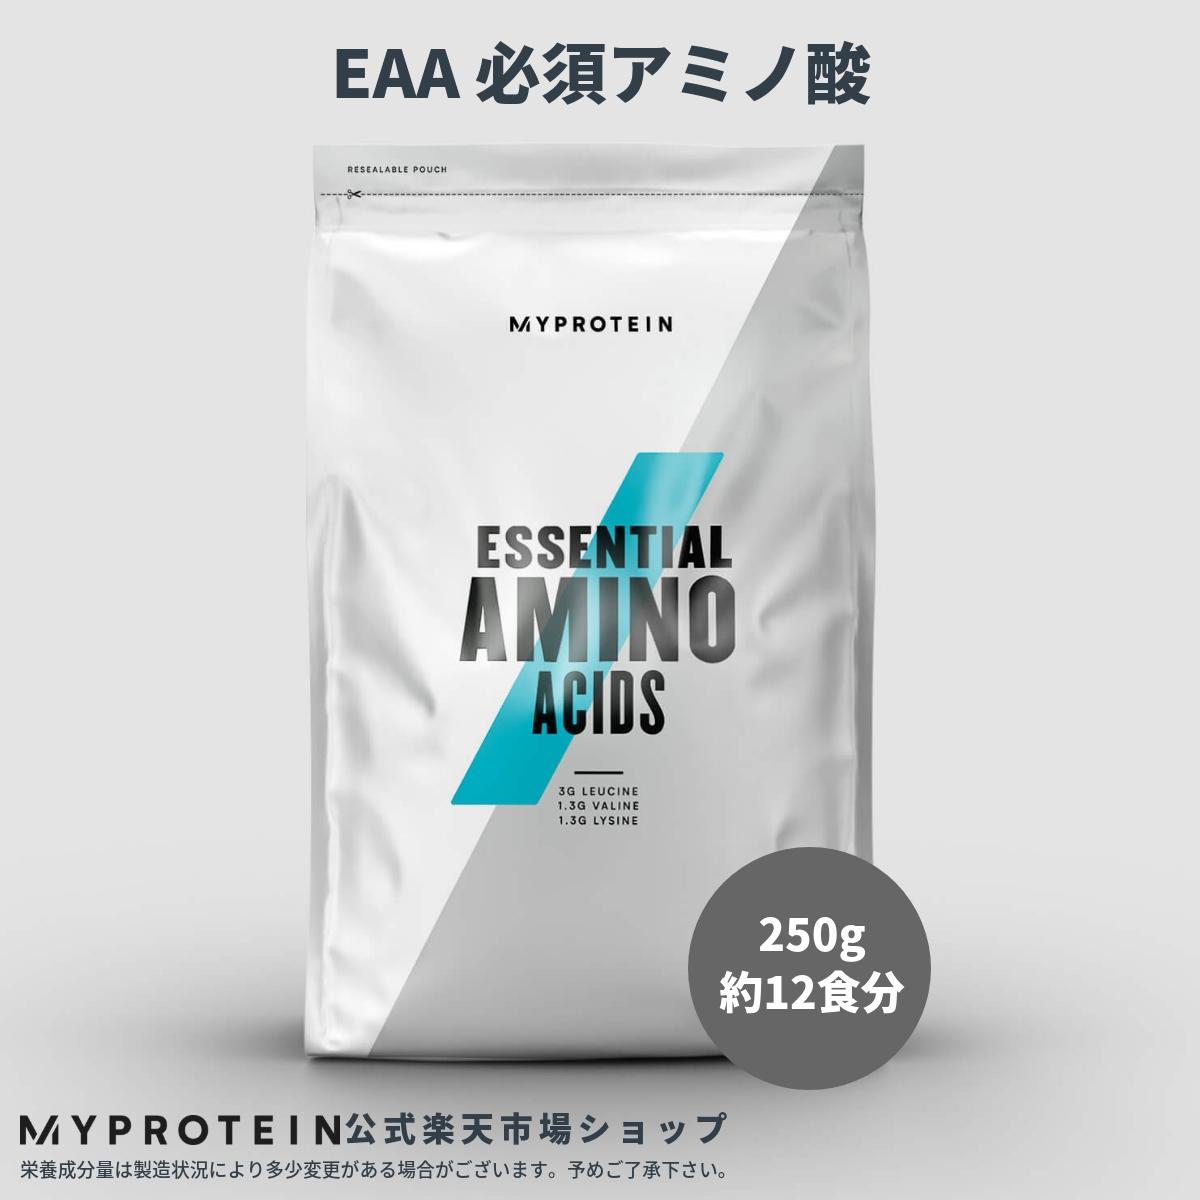 マイプロテイン 公式 【MyProtein】 EAA 必須アミノ酸 250g 約12食分| サプリメント サプリ BCAA アミノ酸 あみの酸 バリン ロイシン イソロイシン 燃焼系 スポーツサプリ ダイエットサプリ【楽天海外直送】